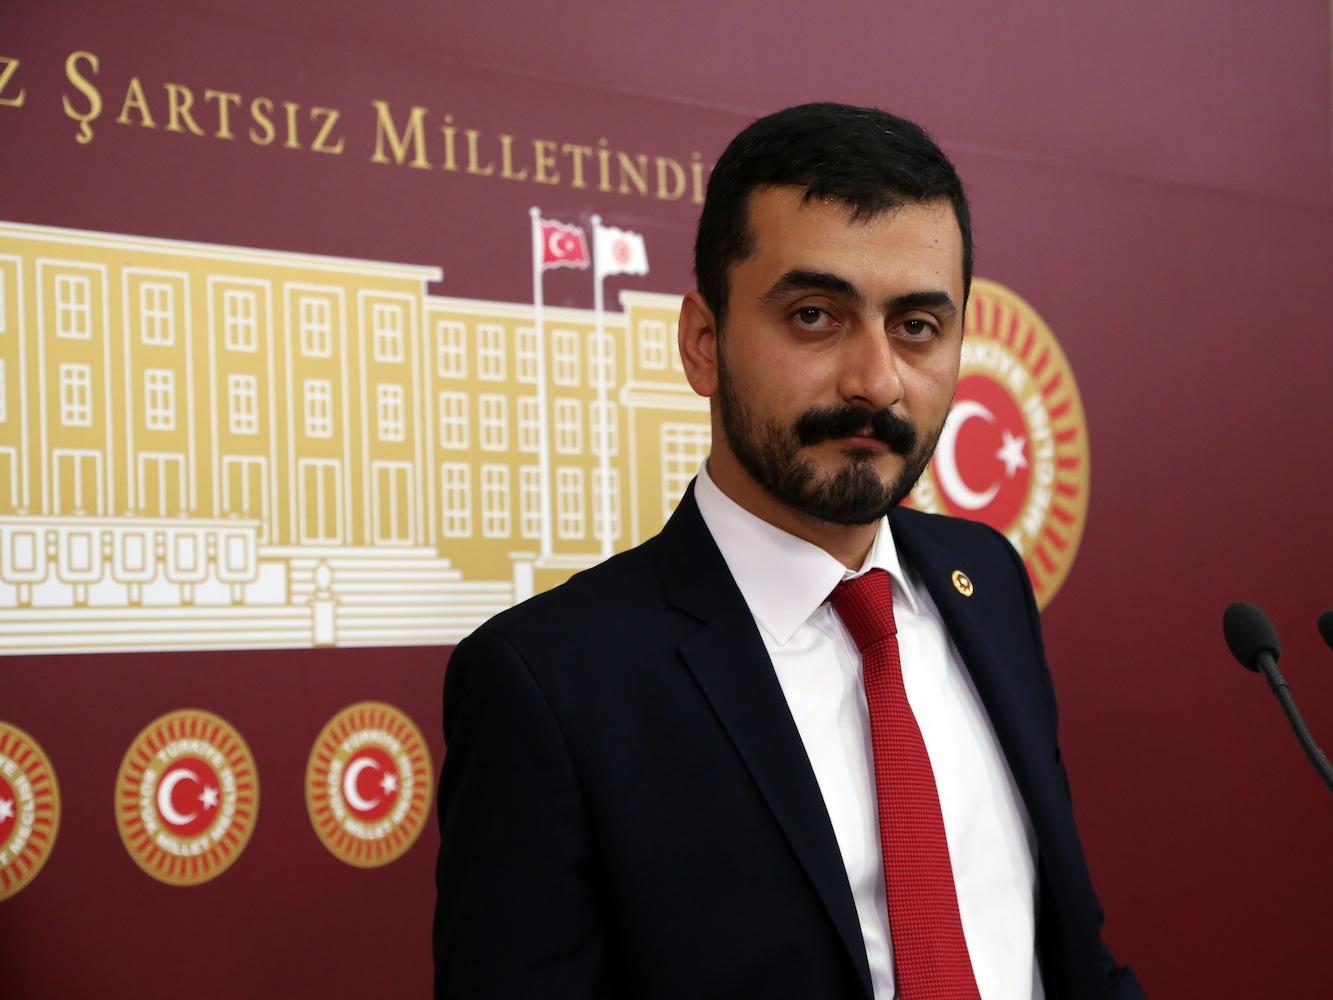 CHP'li vekillerin Eren Erdem ile görüşmesine izin verilmedi